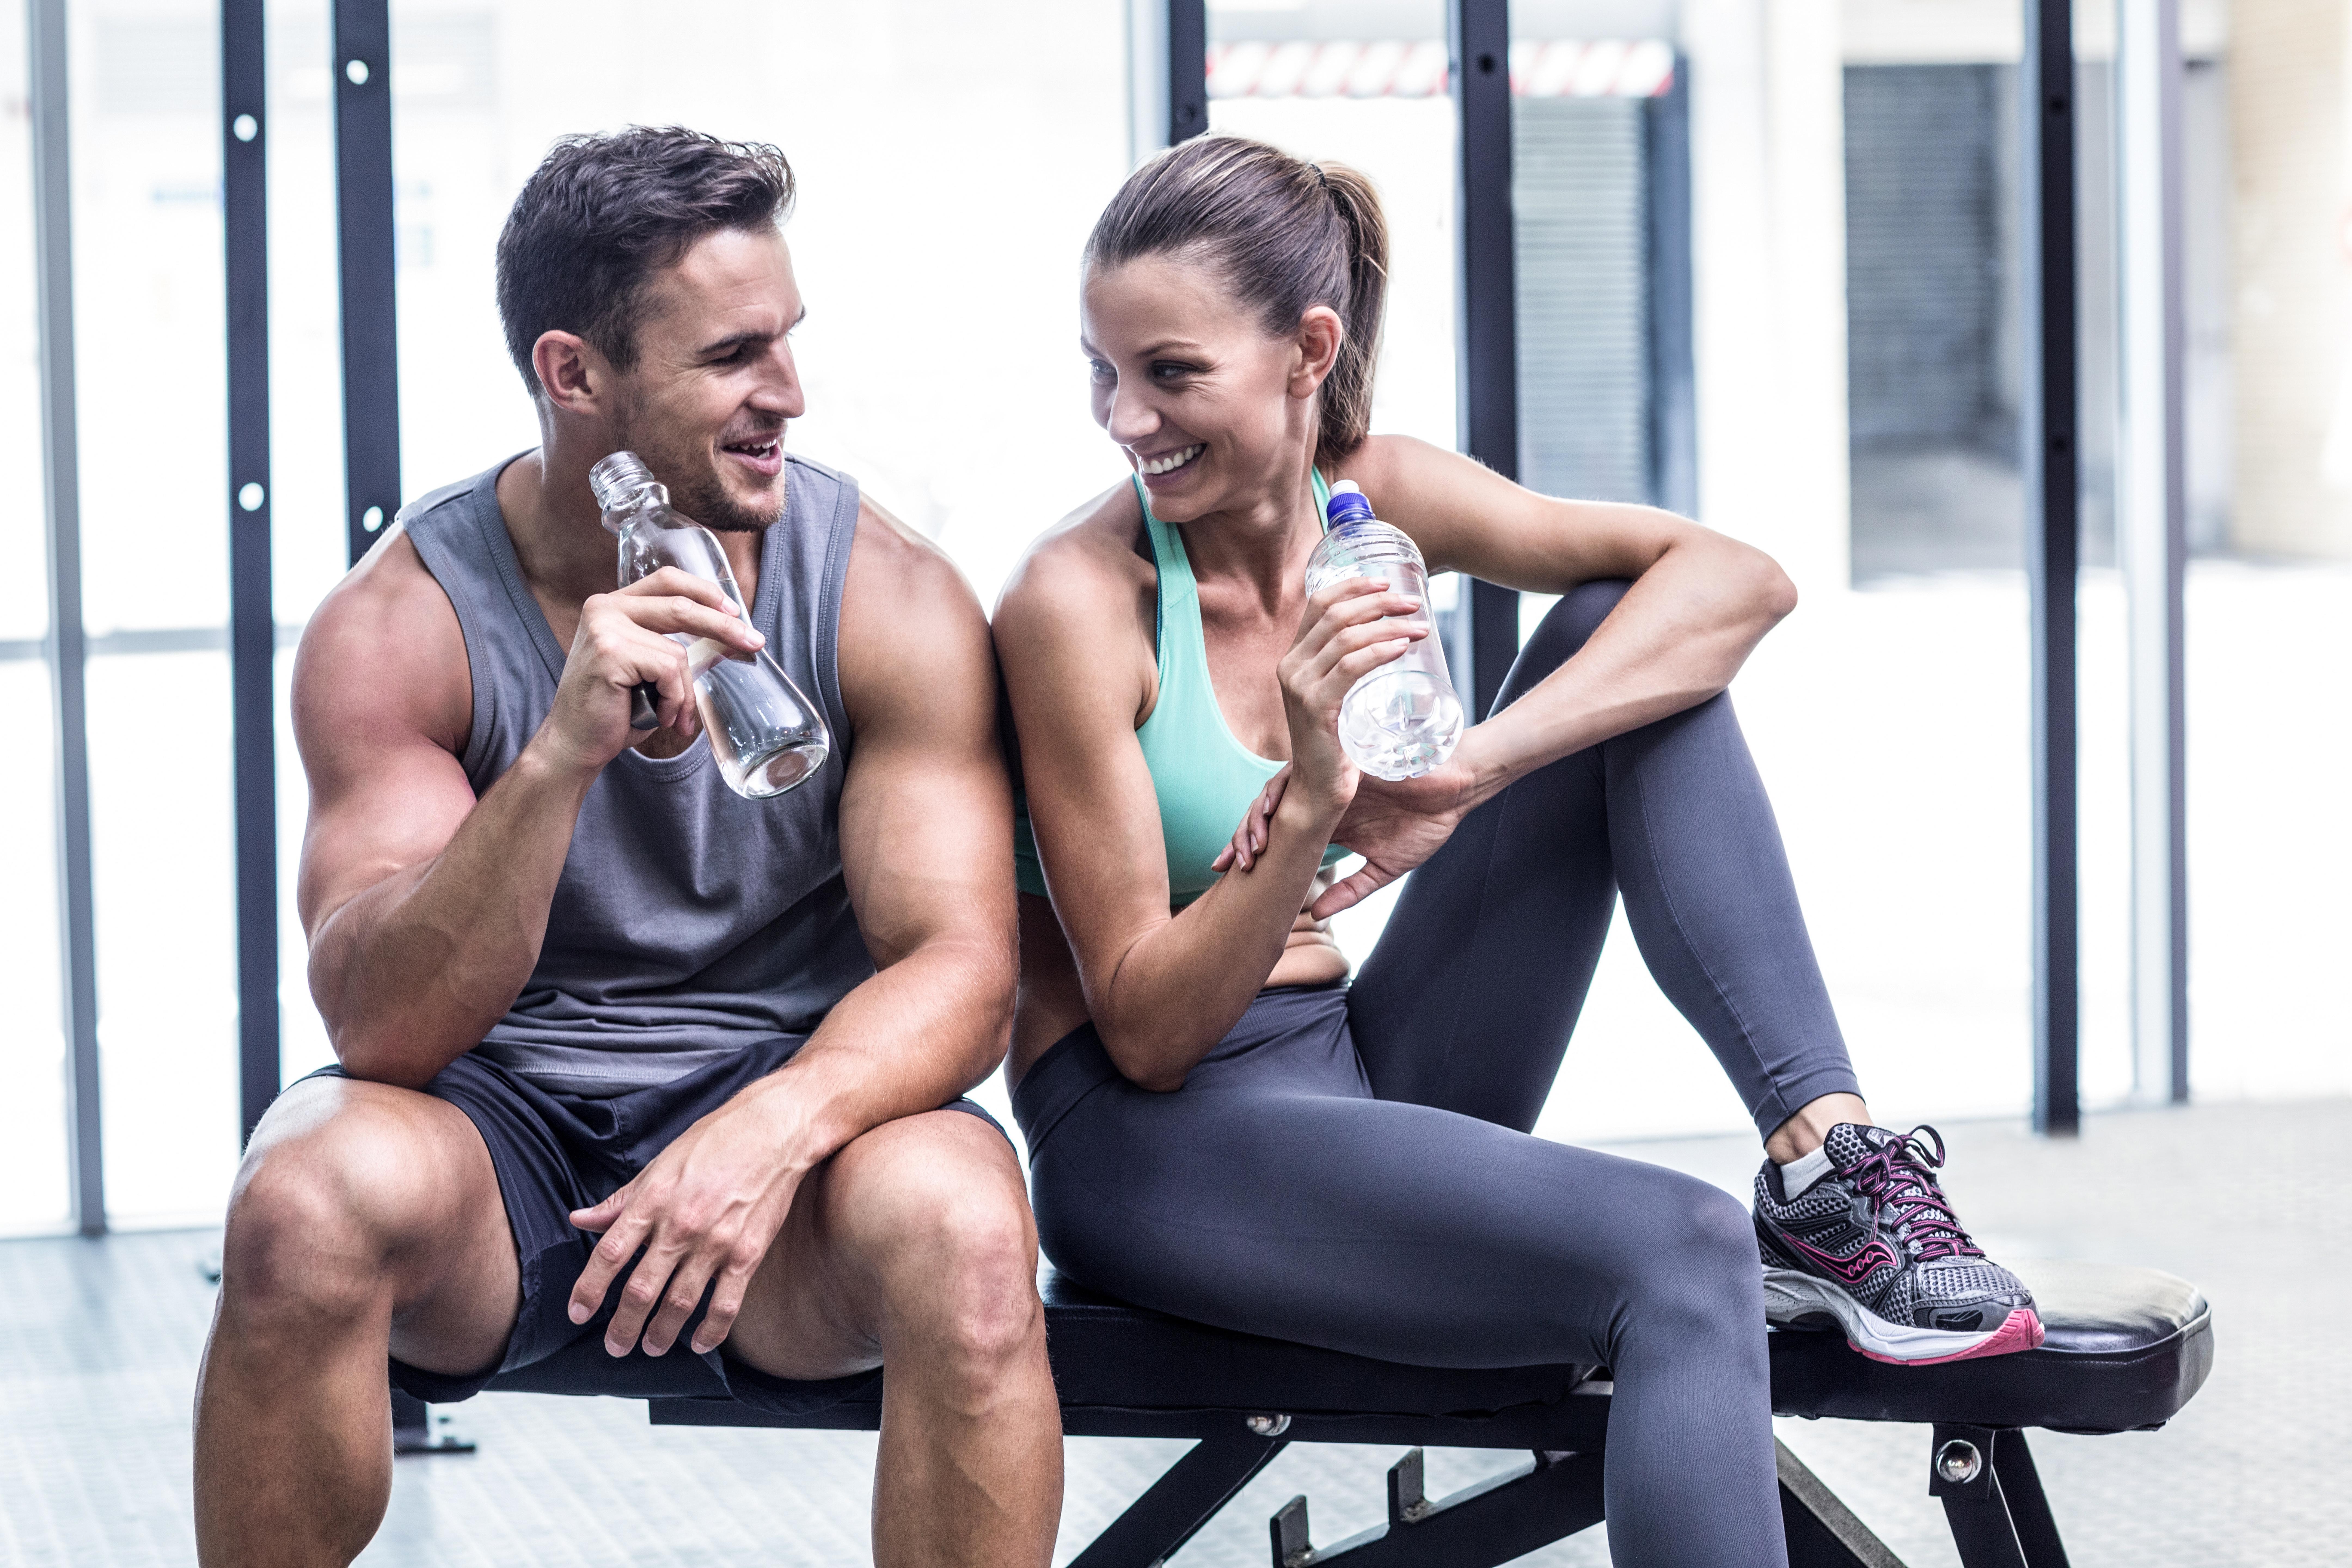 Влезте във форма за новата година! 60-минутна фитнес тренирвока с инструктор във Фитнес Олимп! - Снимка